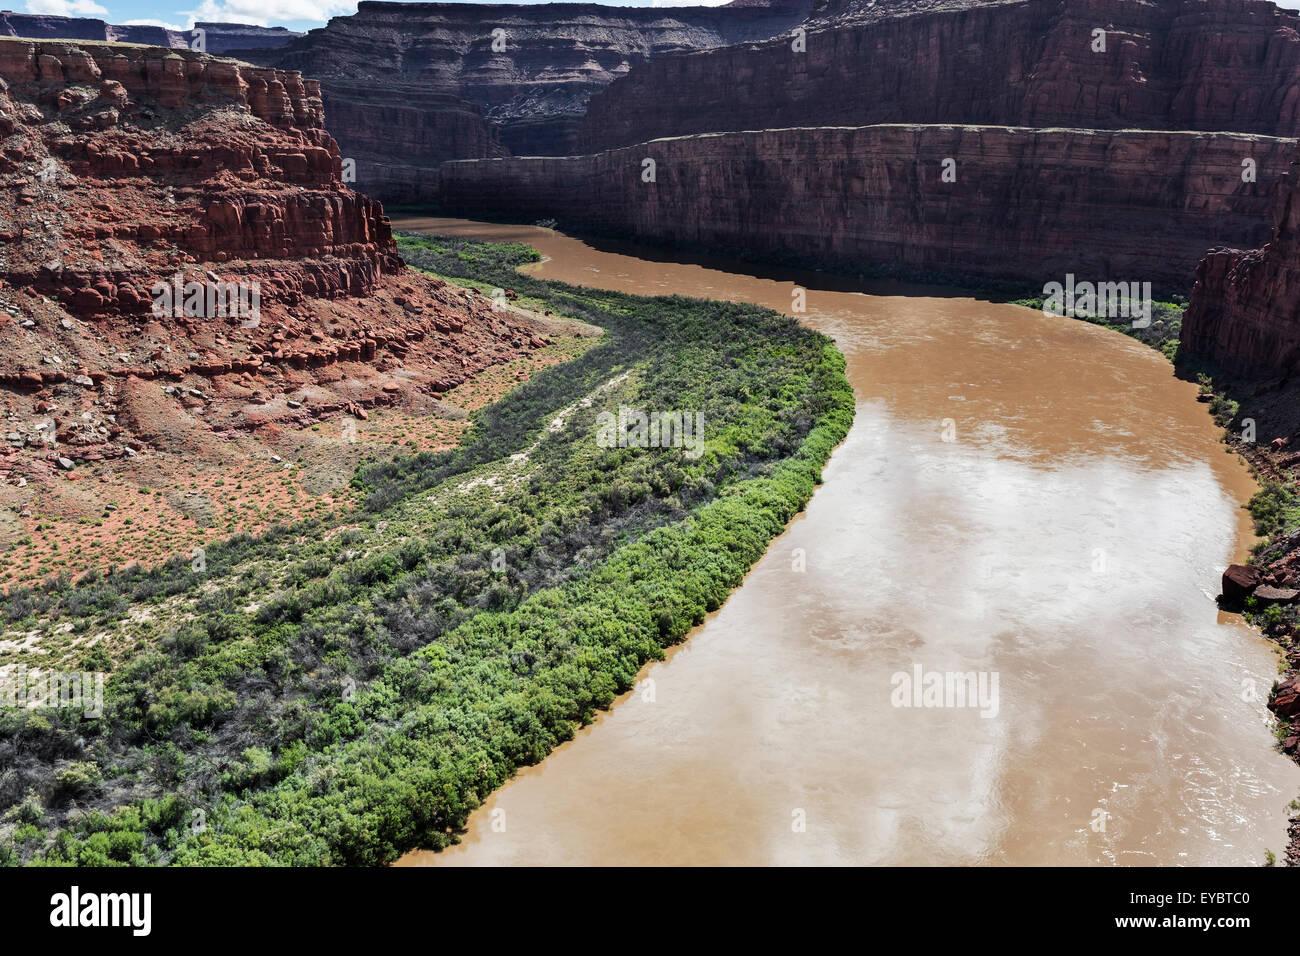 Colorado River, outside Canyonlands, Moab, Utah - Stock Image